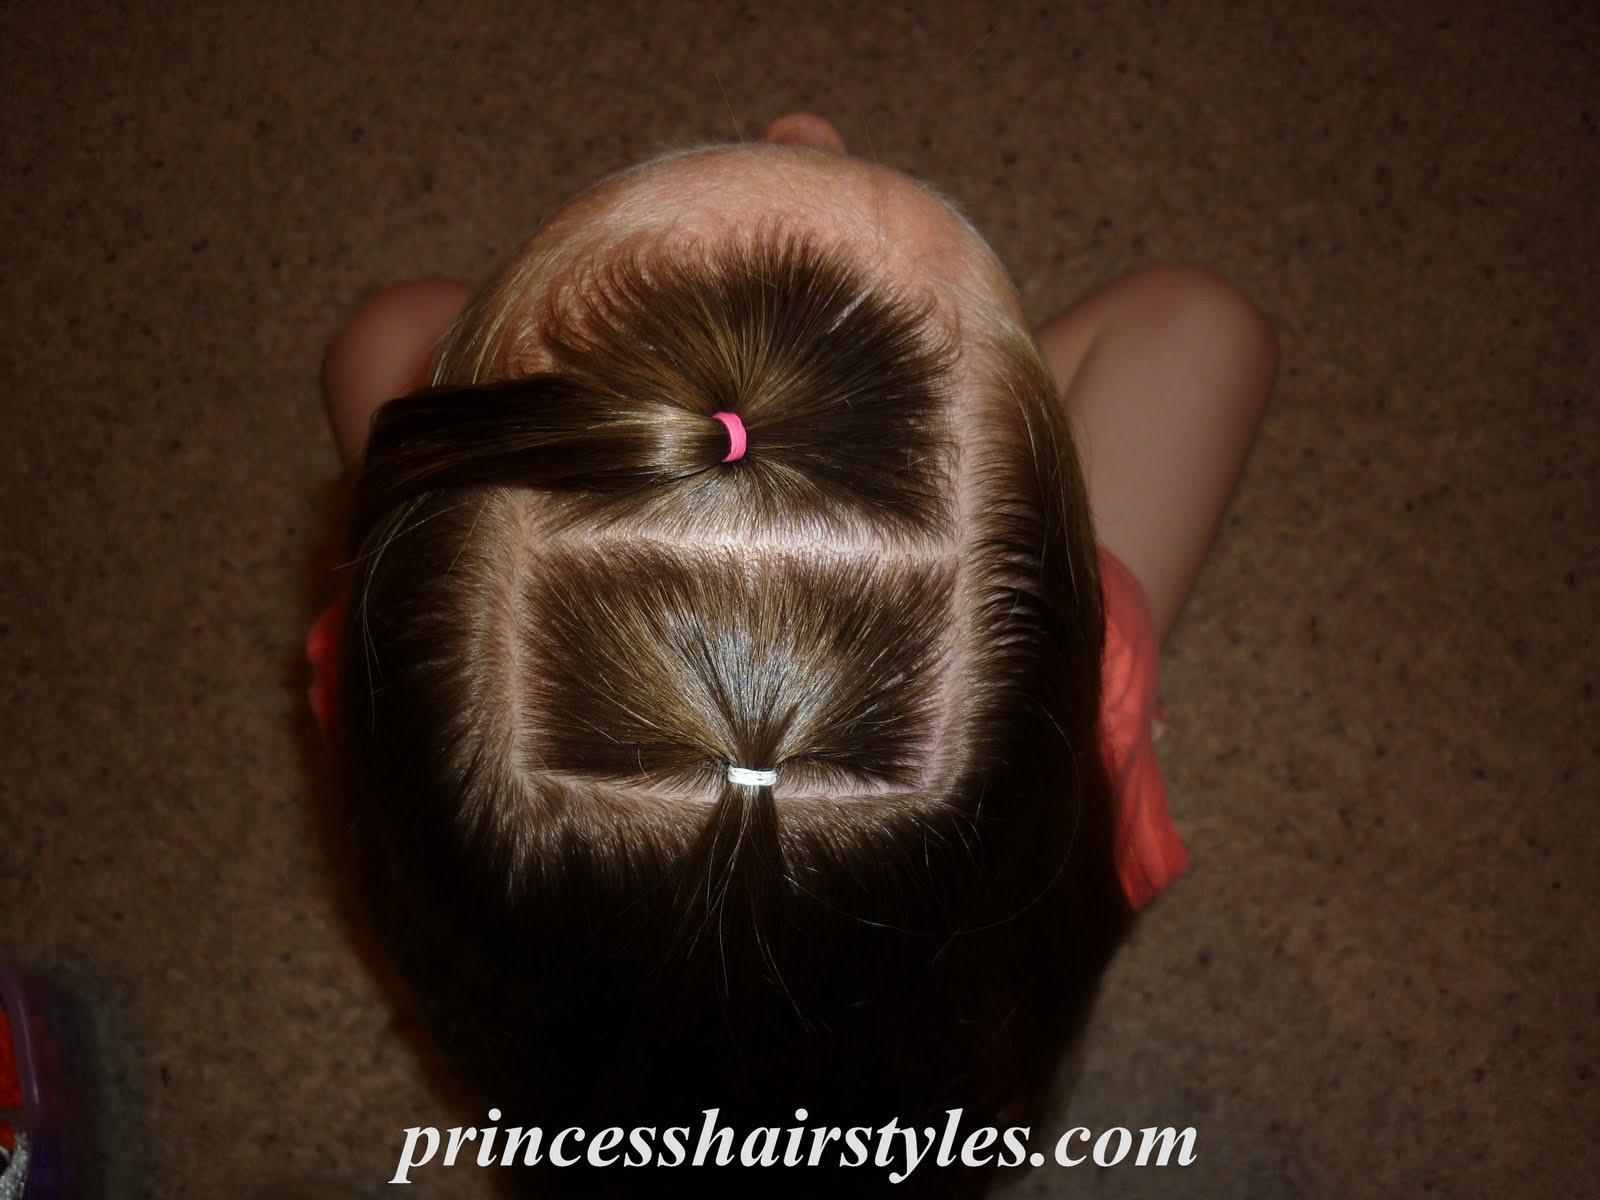 Awe Inspiring Ribbon Braided Ponytail Hairstyles For Girls Princess Hairstyles Short Hairstyles For Black Women Fulllsitofus